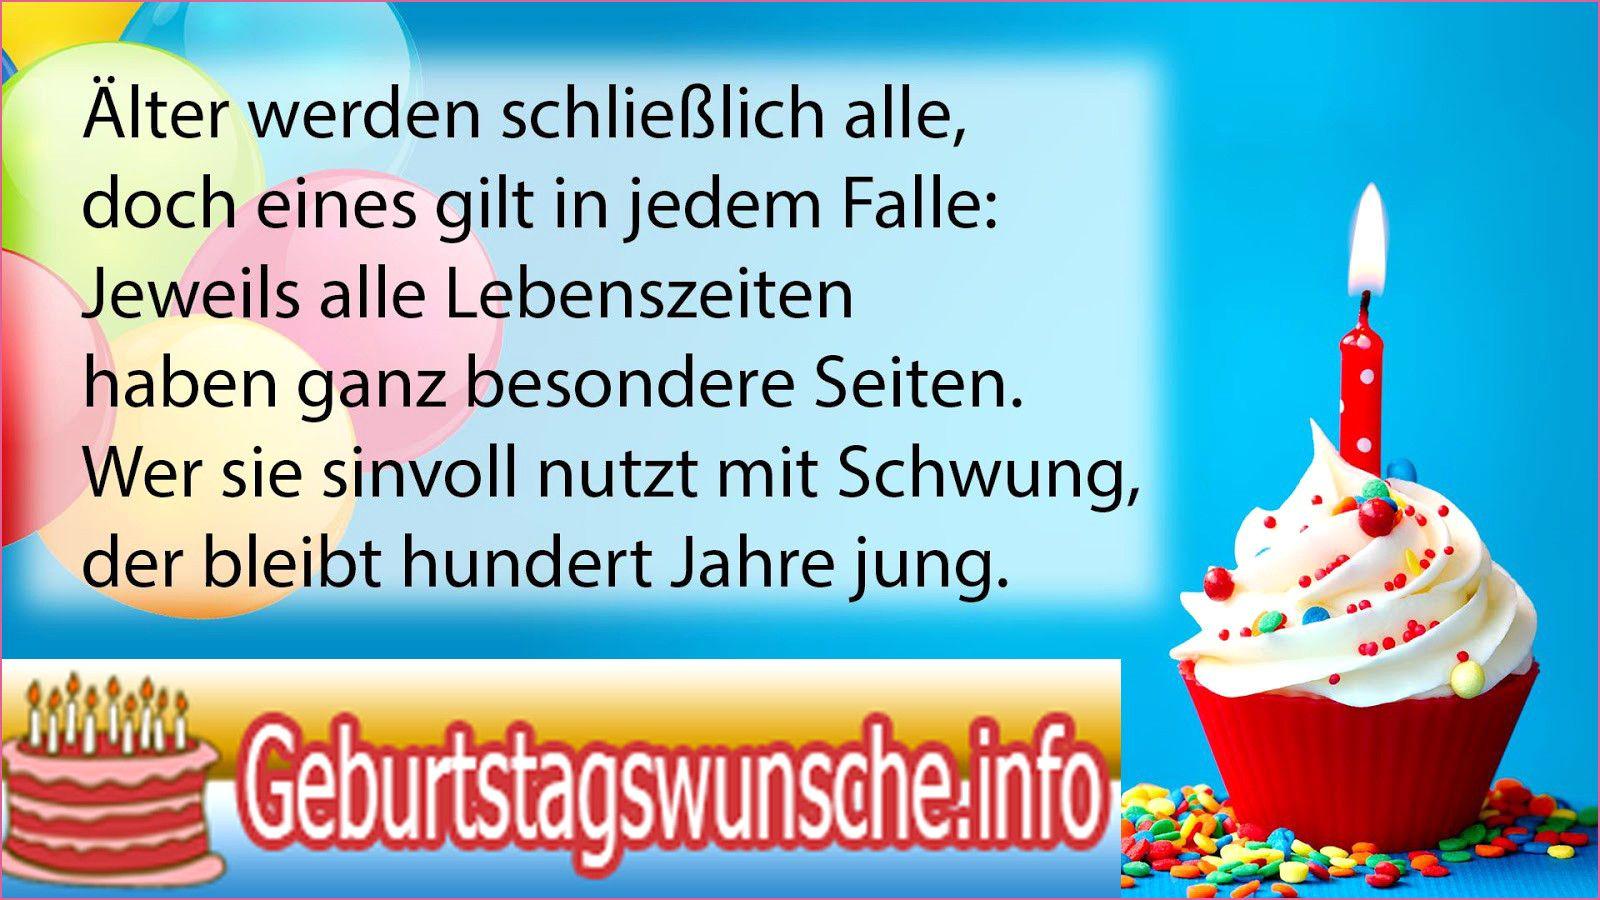 Gluckwunsche 40 Geburtstag Frau Whatsapp Bilder Geburtstag Spruche Zum Geburtstag Gluckwunsche Geburtstag